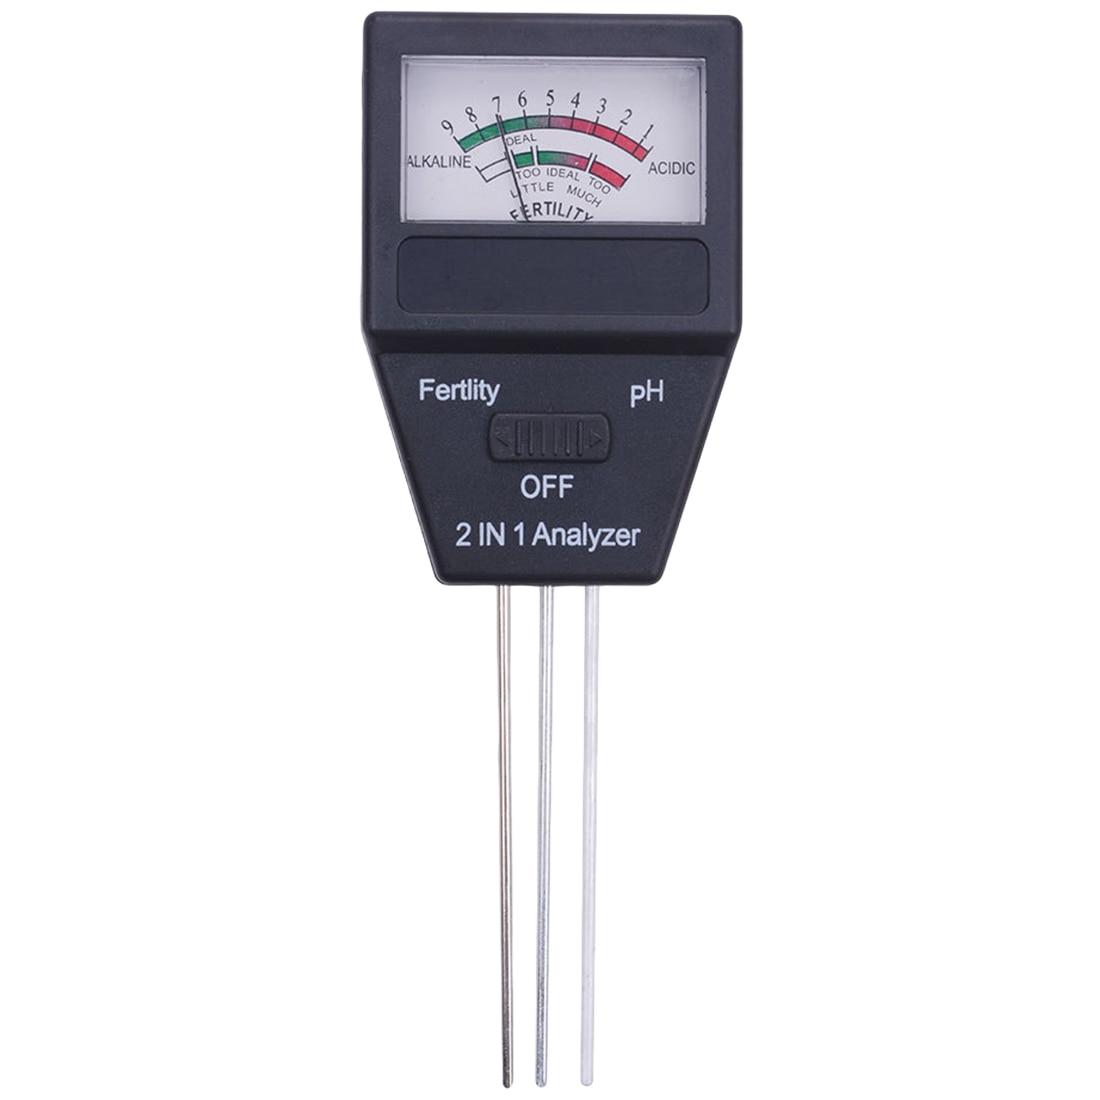 Digital PH Meter Soil PH Level Meter Tester Fertility Tester for Plants Flowers Vegetable Acidity Moisture PH Measurement цена